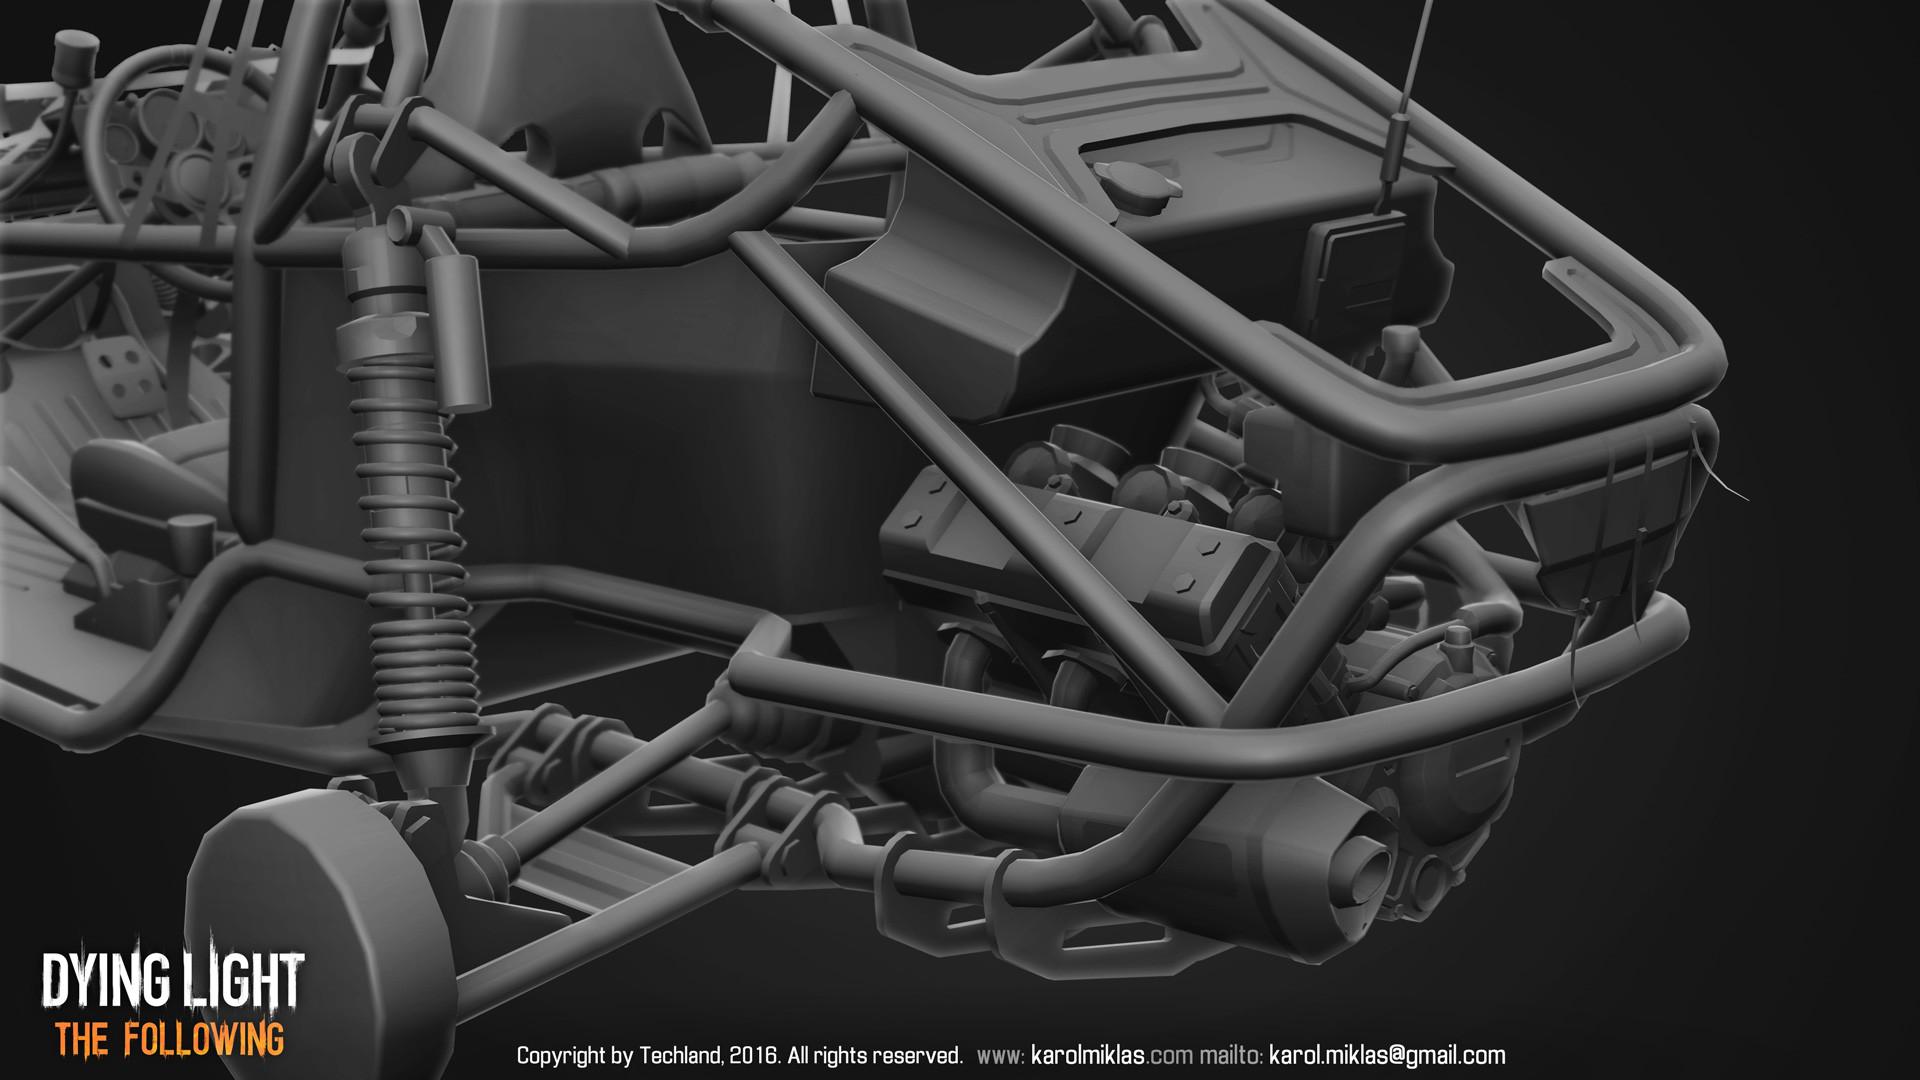 karol-miklas-buggy-clay-17.jpg